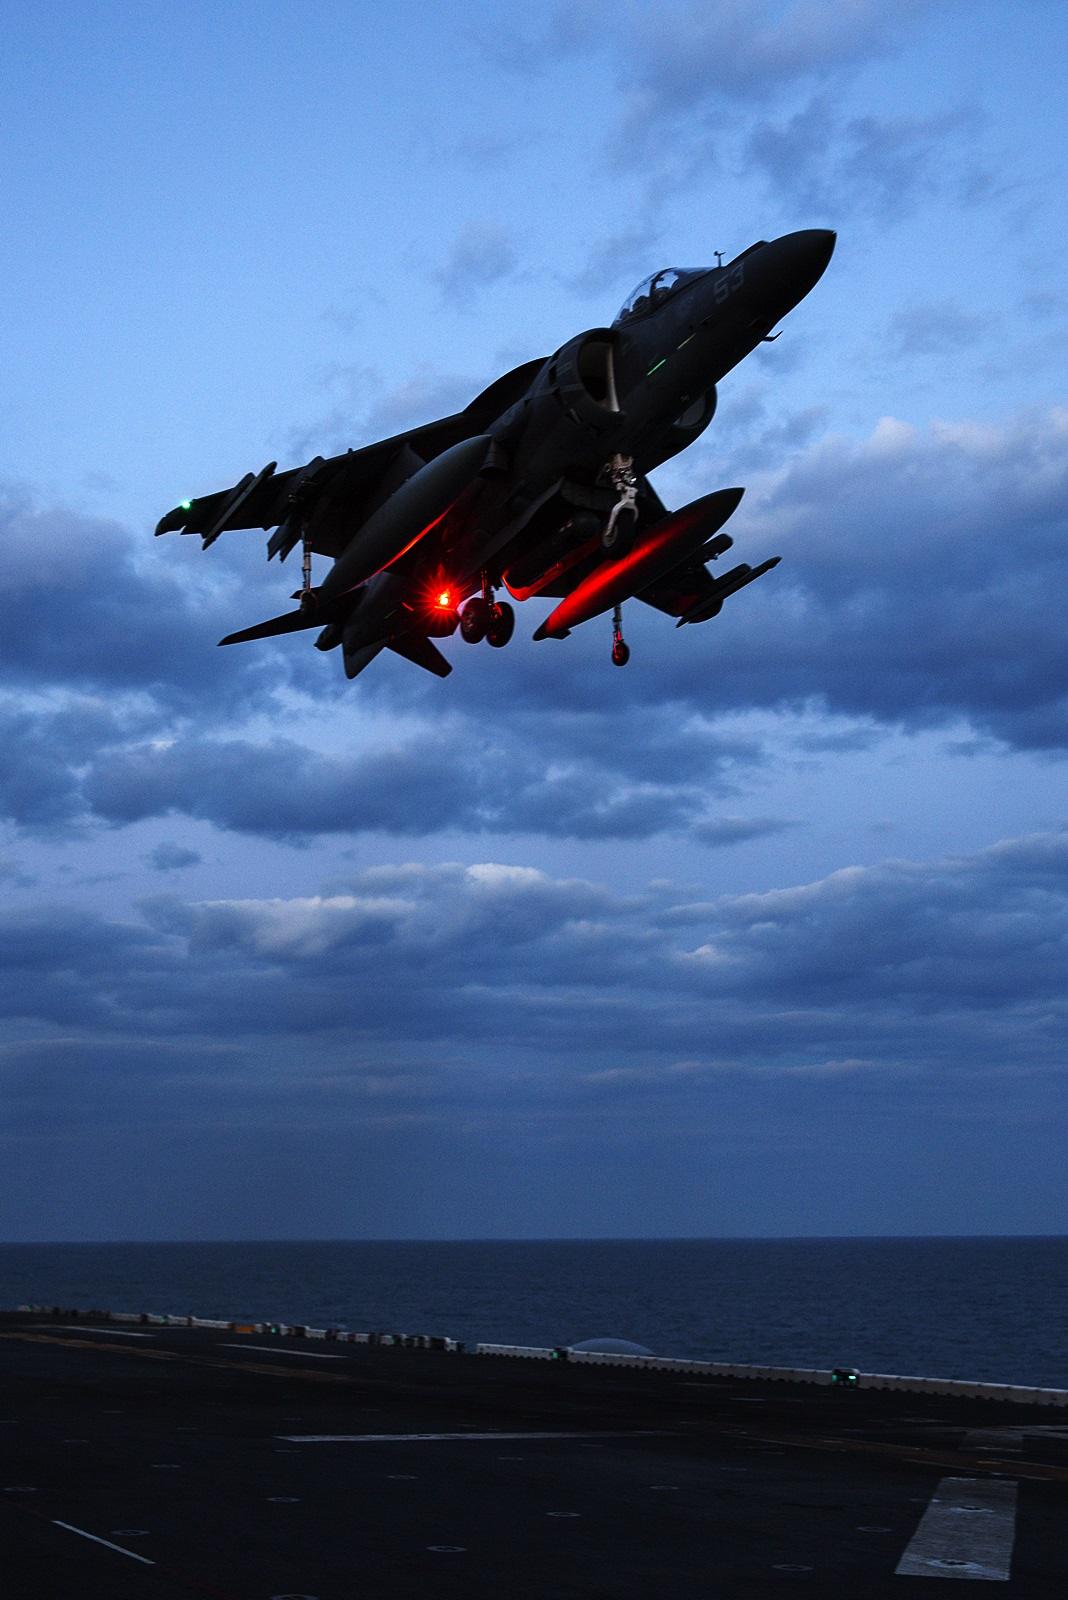 상륙함에 탑재되어 강습상륙작전을 지원하는 AV-8B ..